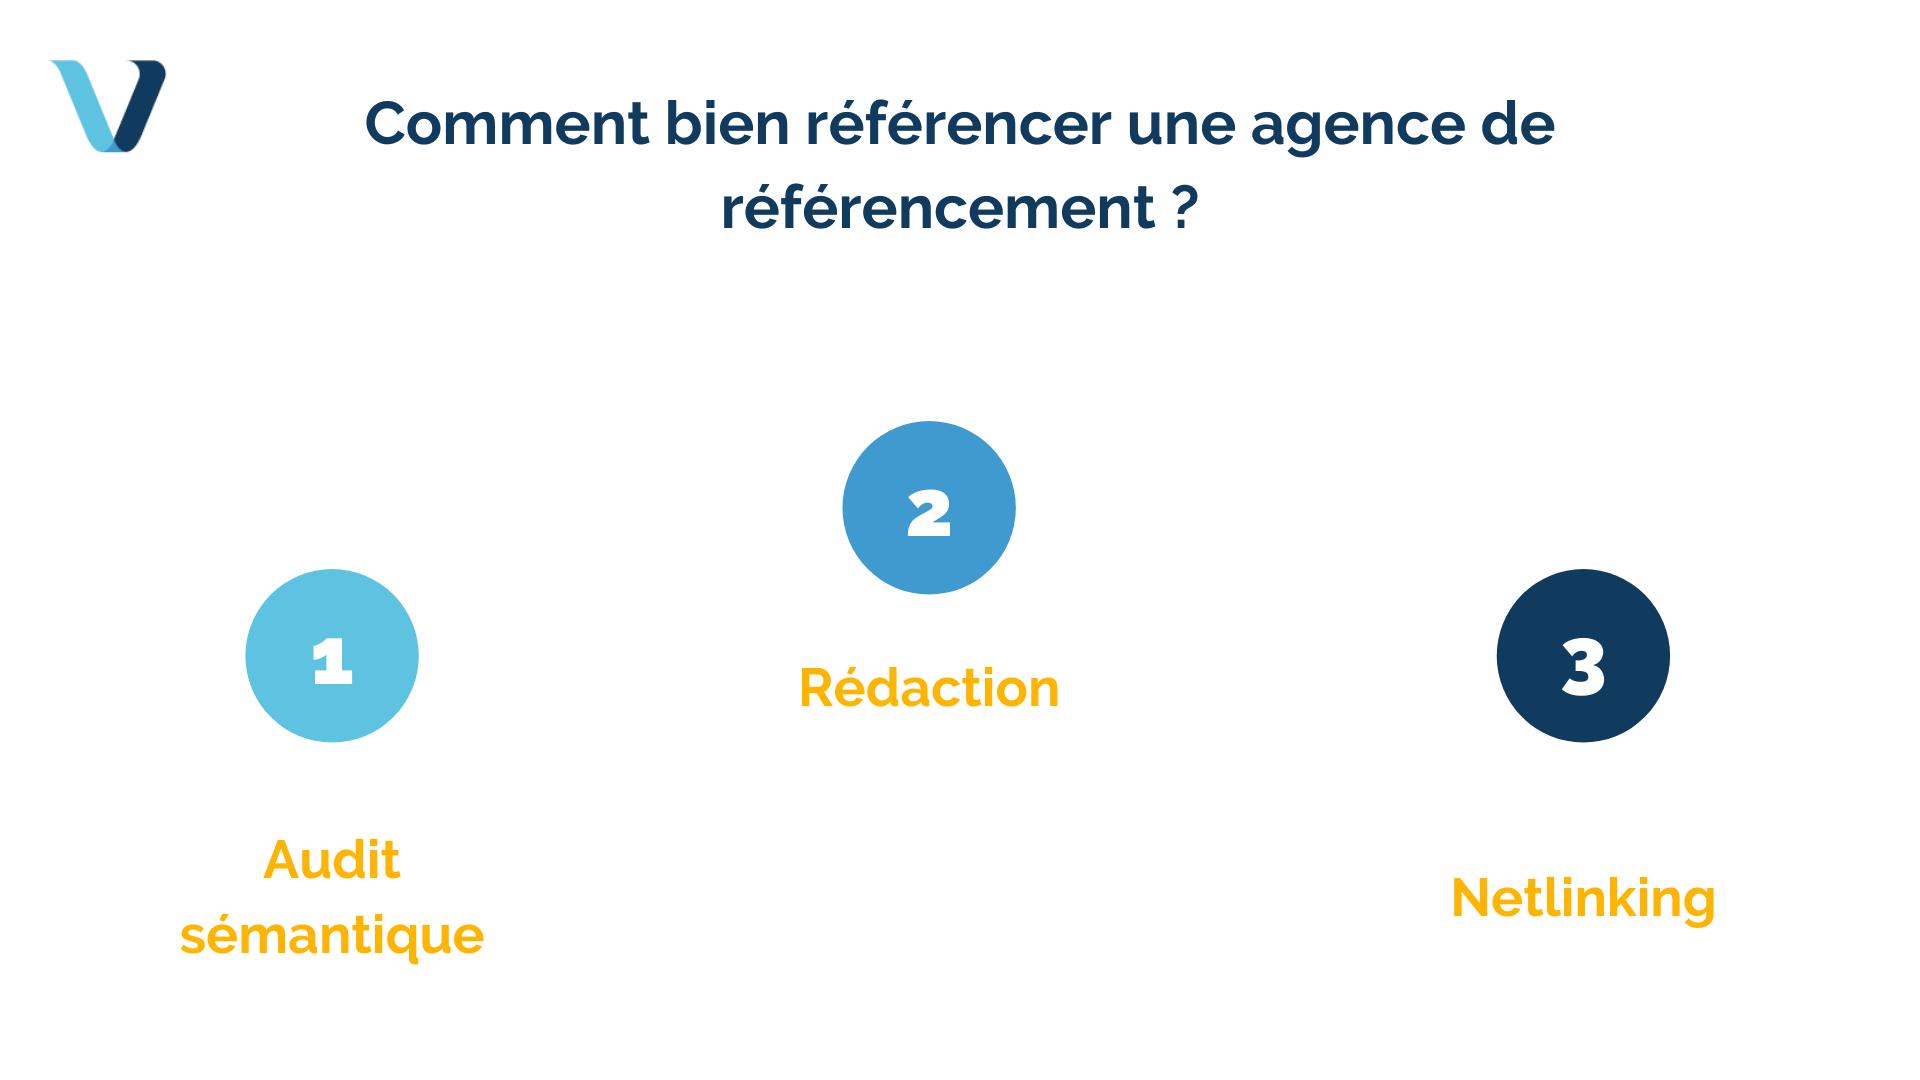 Comment bien référencer une agence de référencement ?